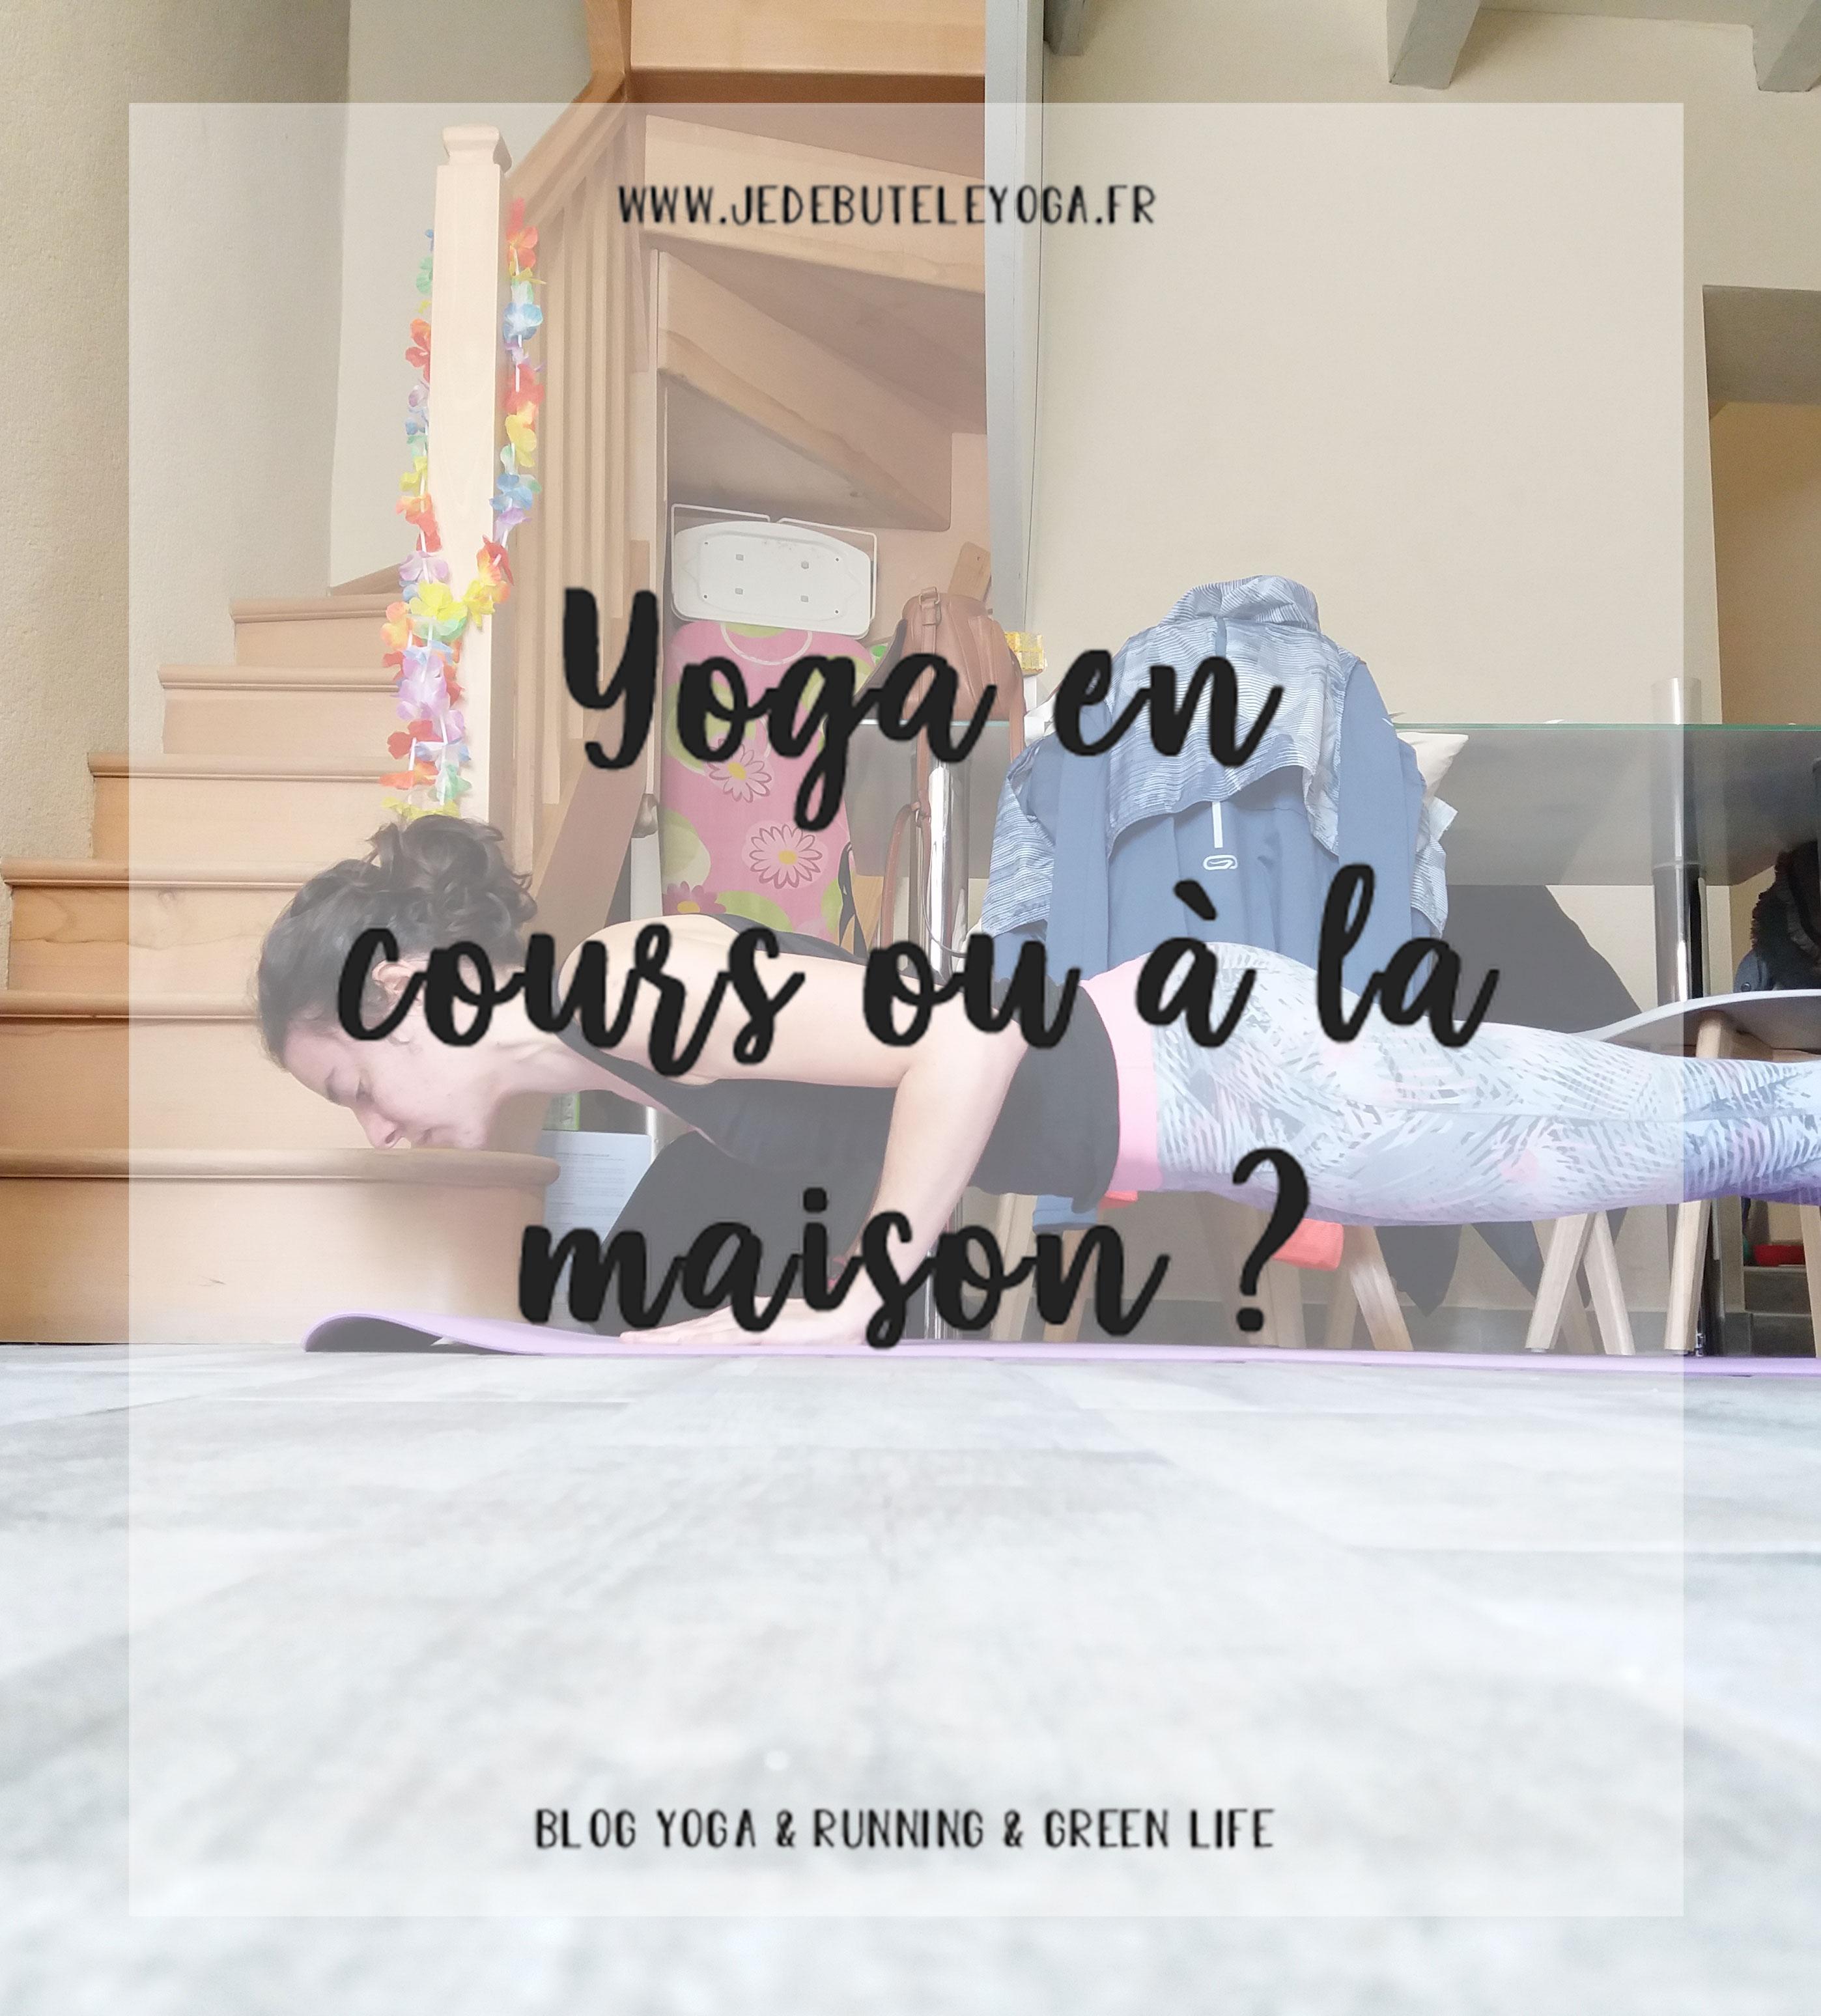 yoga en cours ou à la maison ?